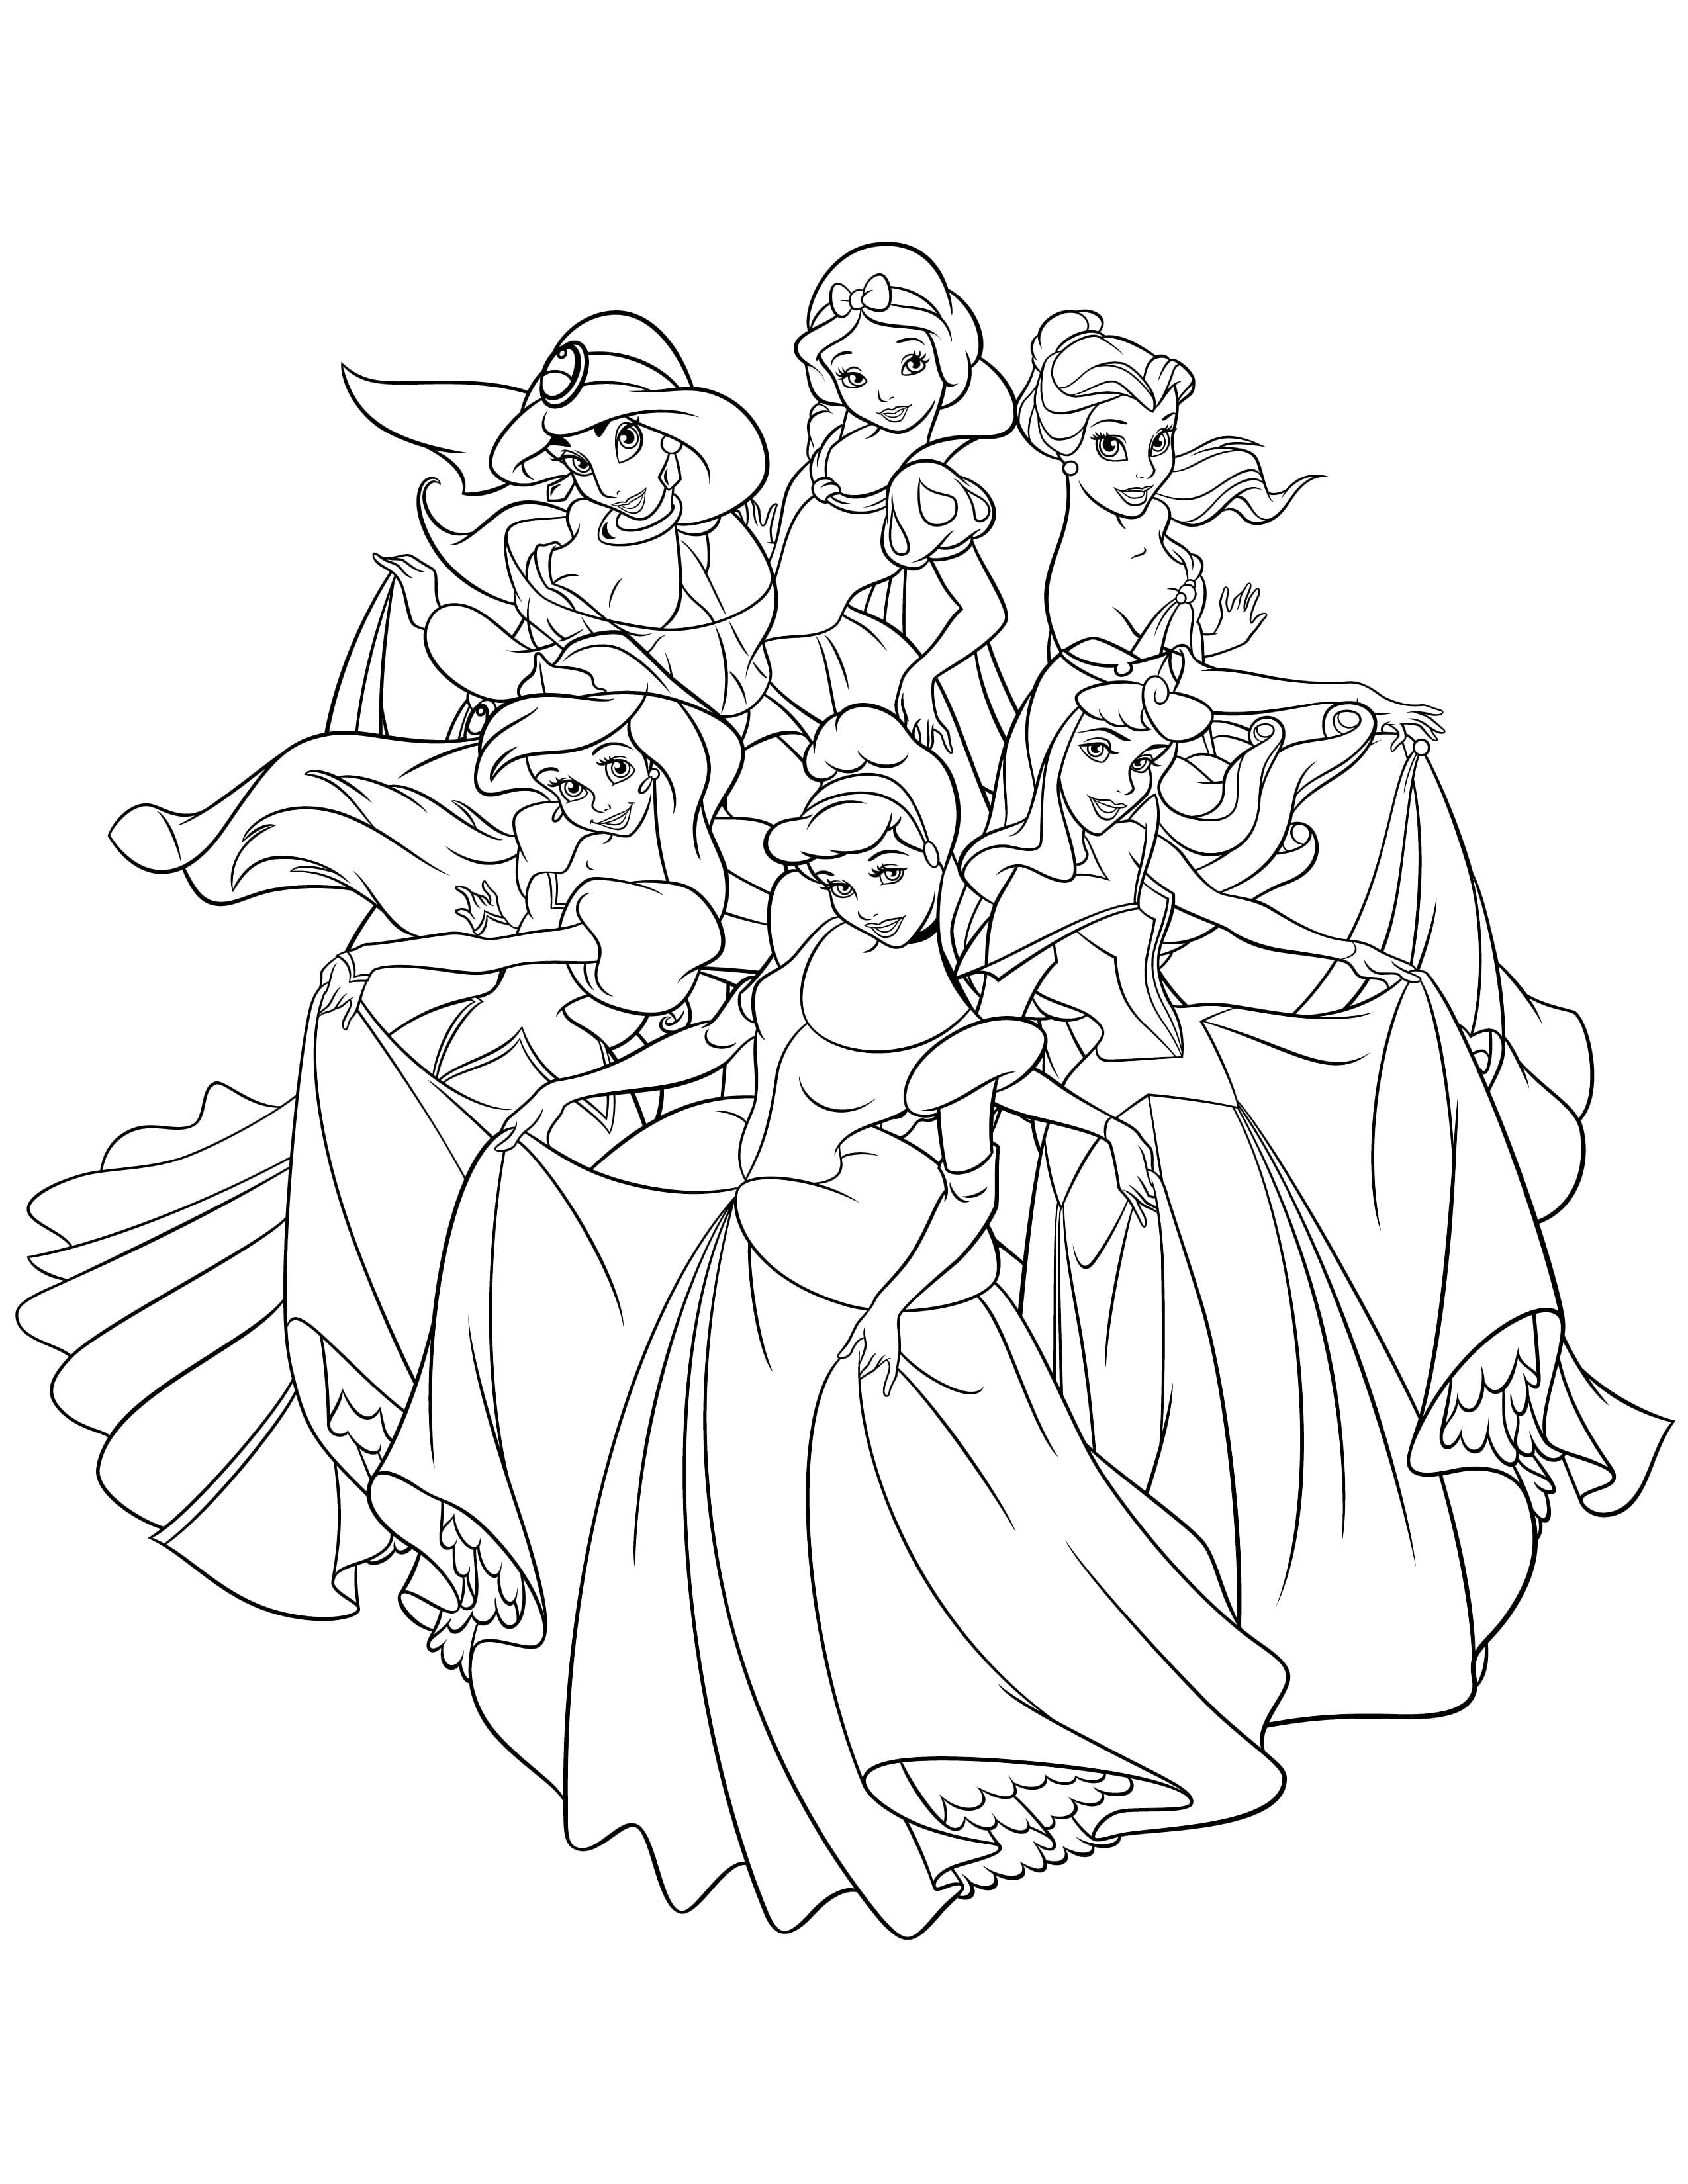 Ausmalbilder Prinzessin. 10 Bilder zum kostenlosen Drucken